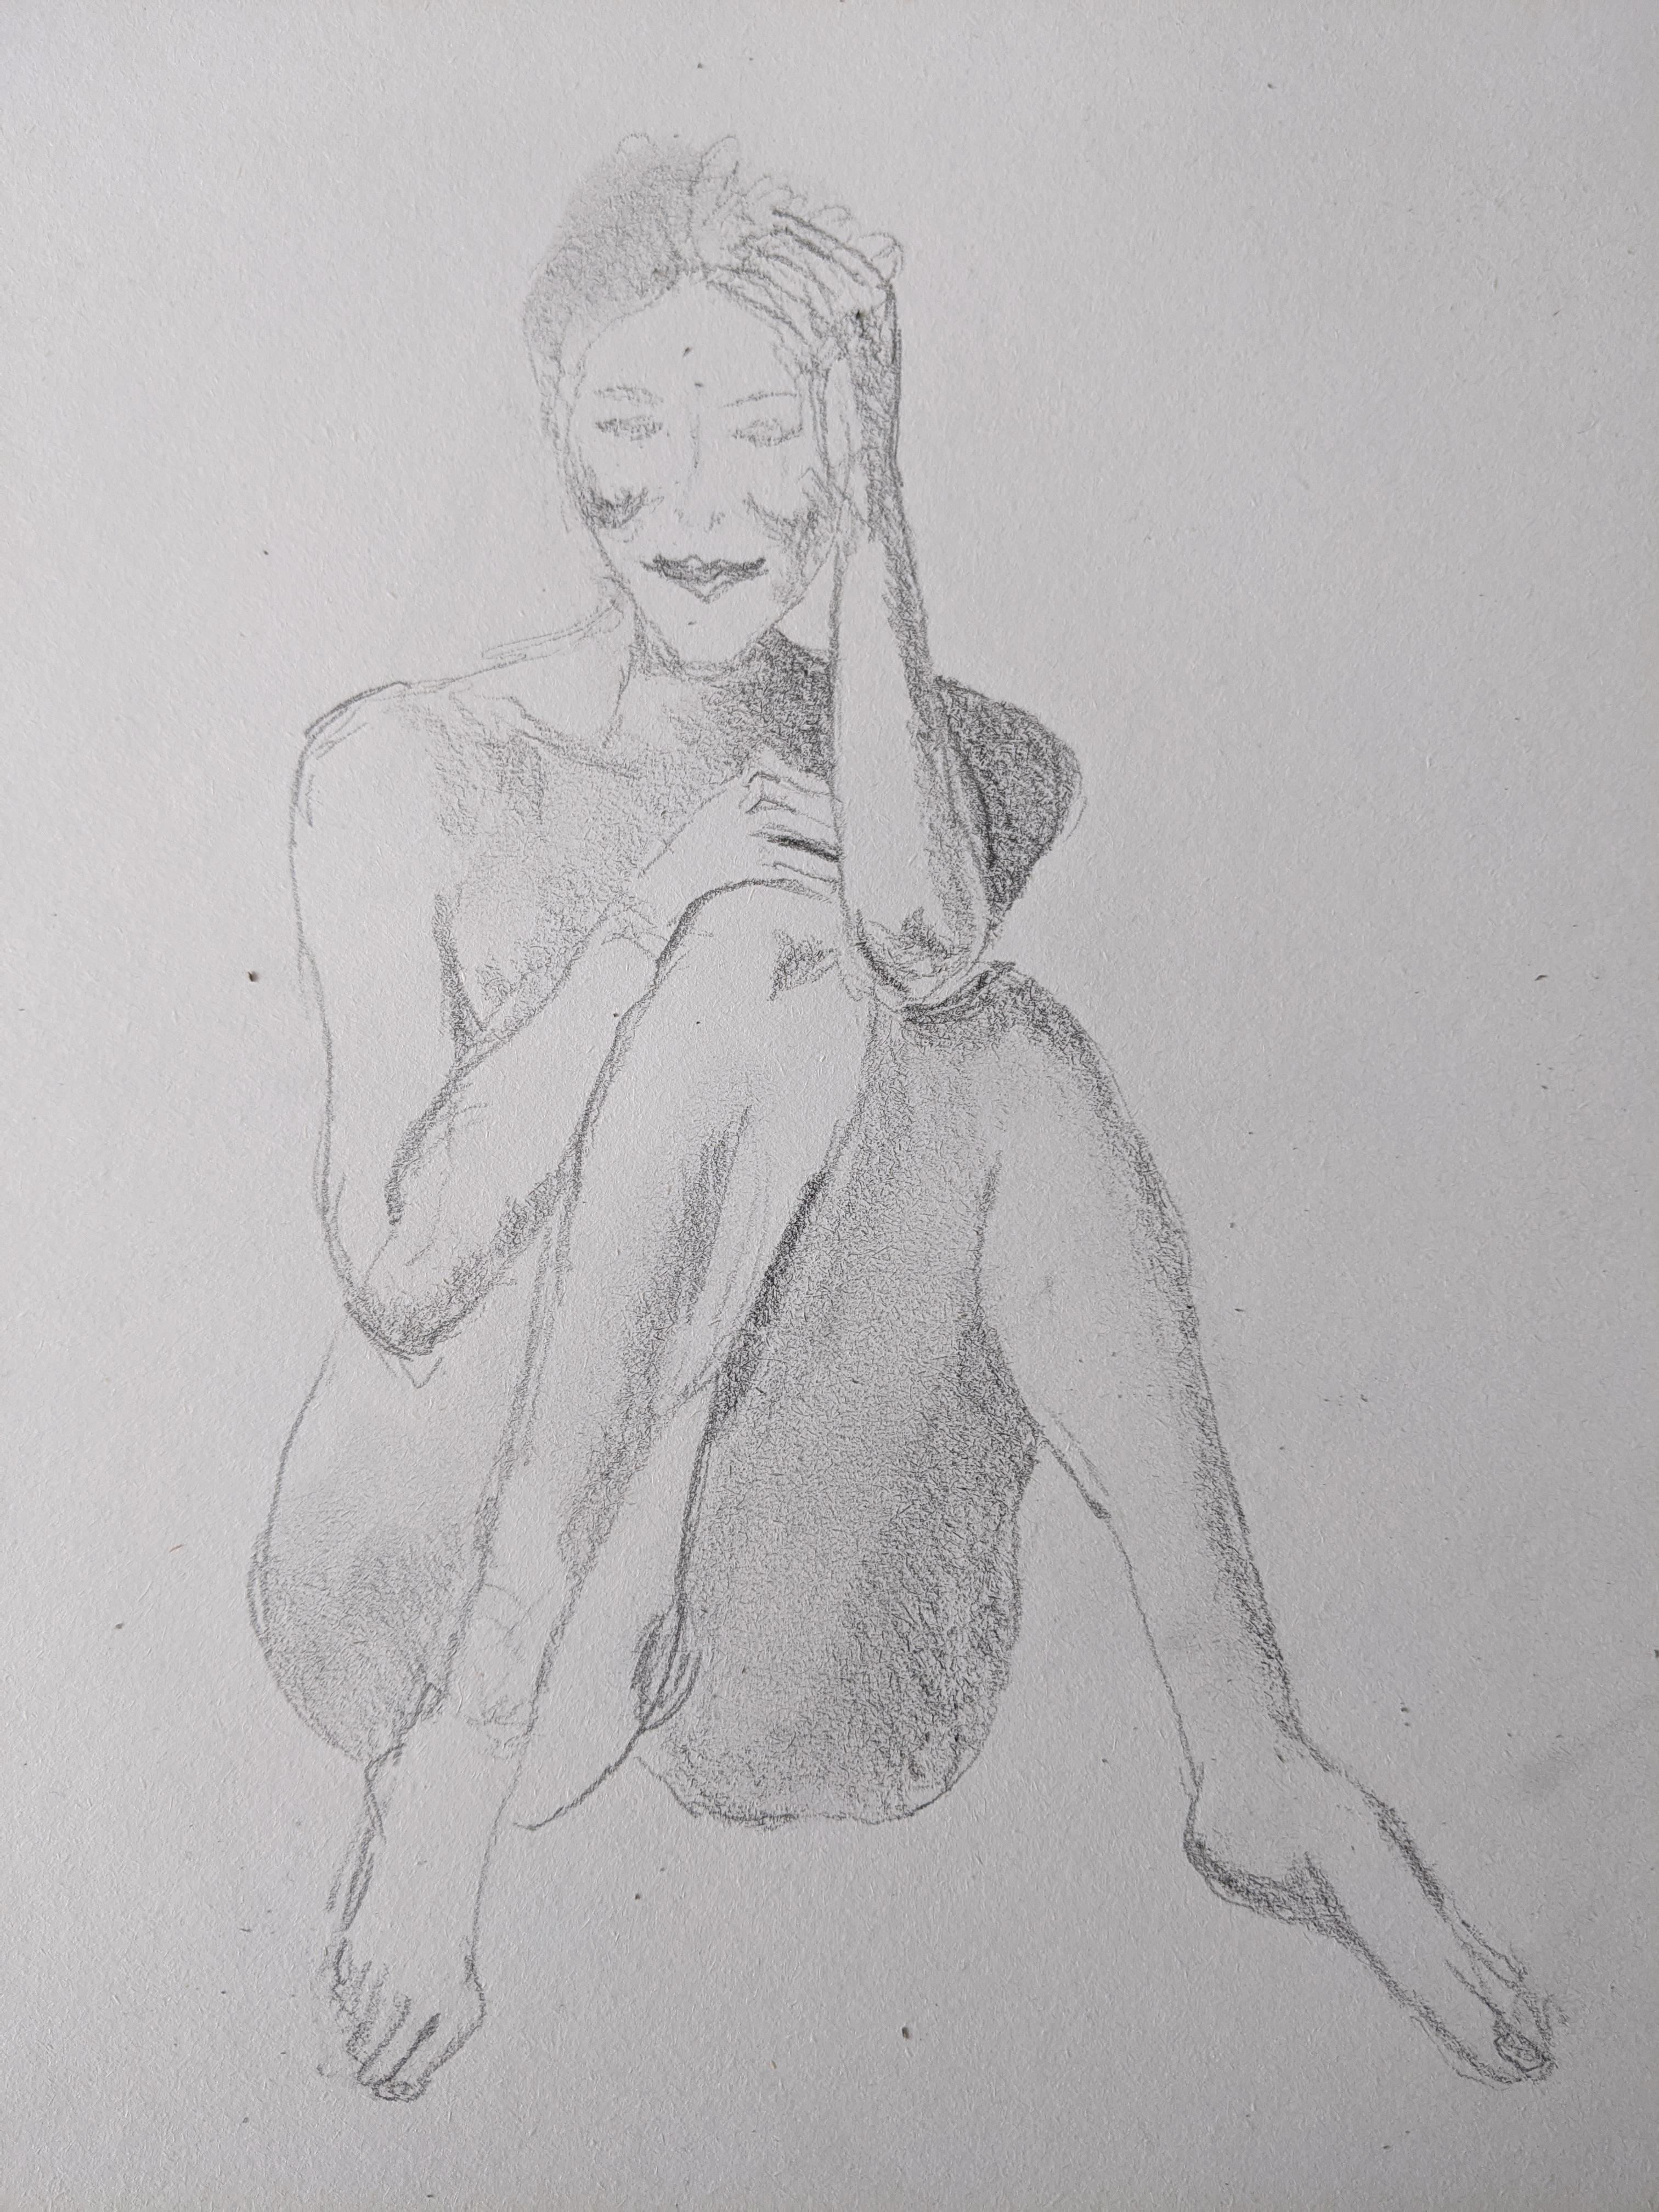 dessin croquis crayon de papier   cours de dessin